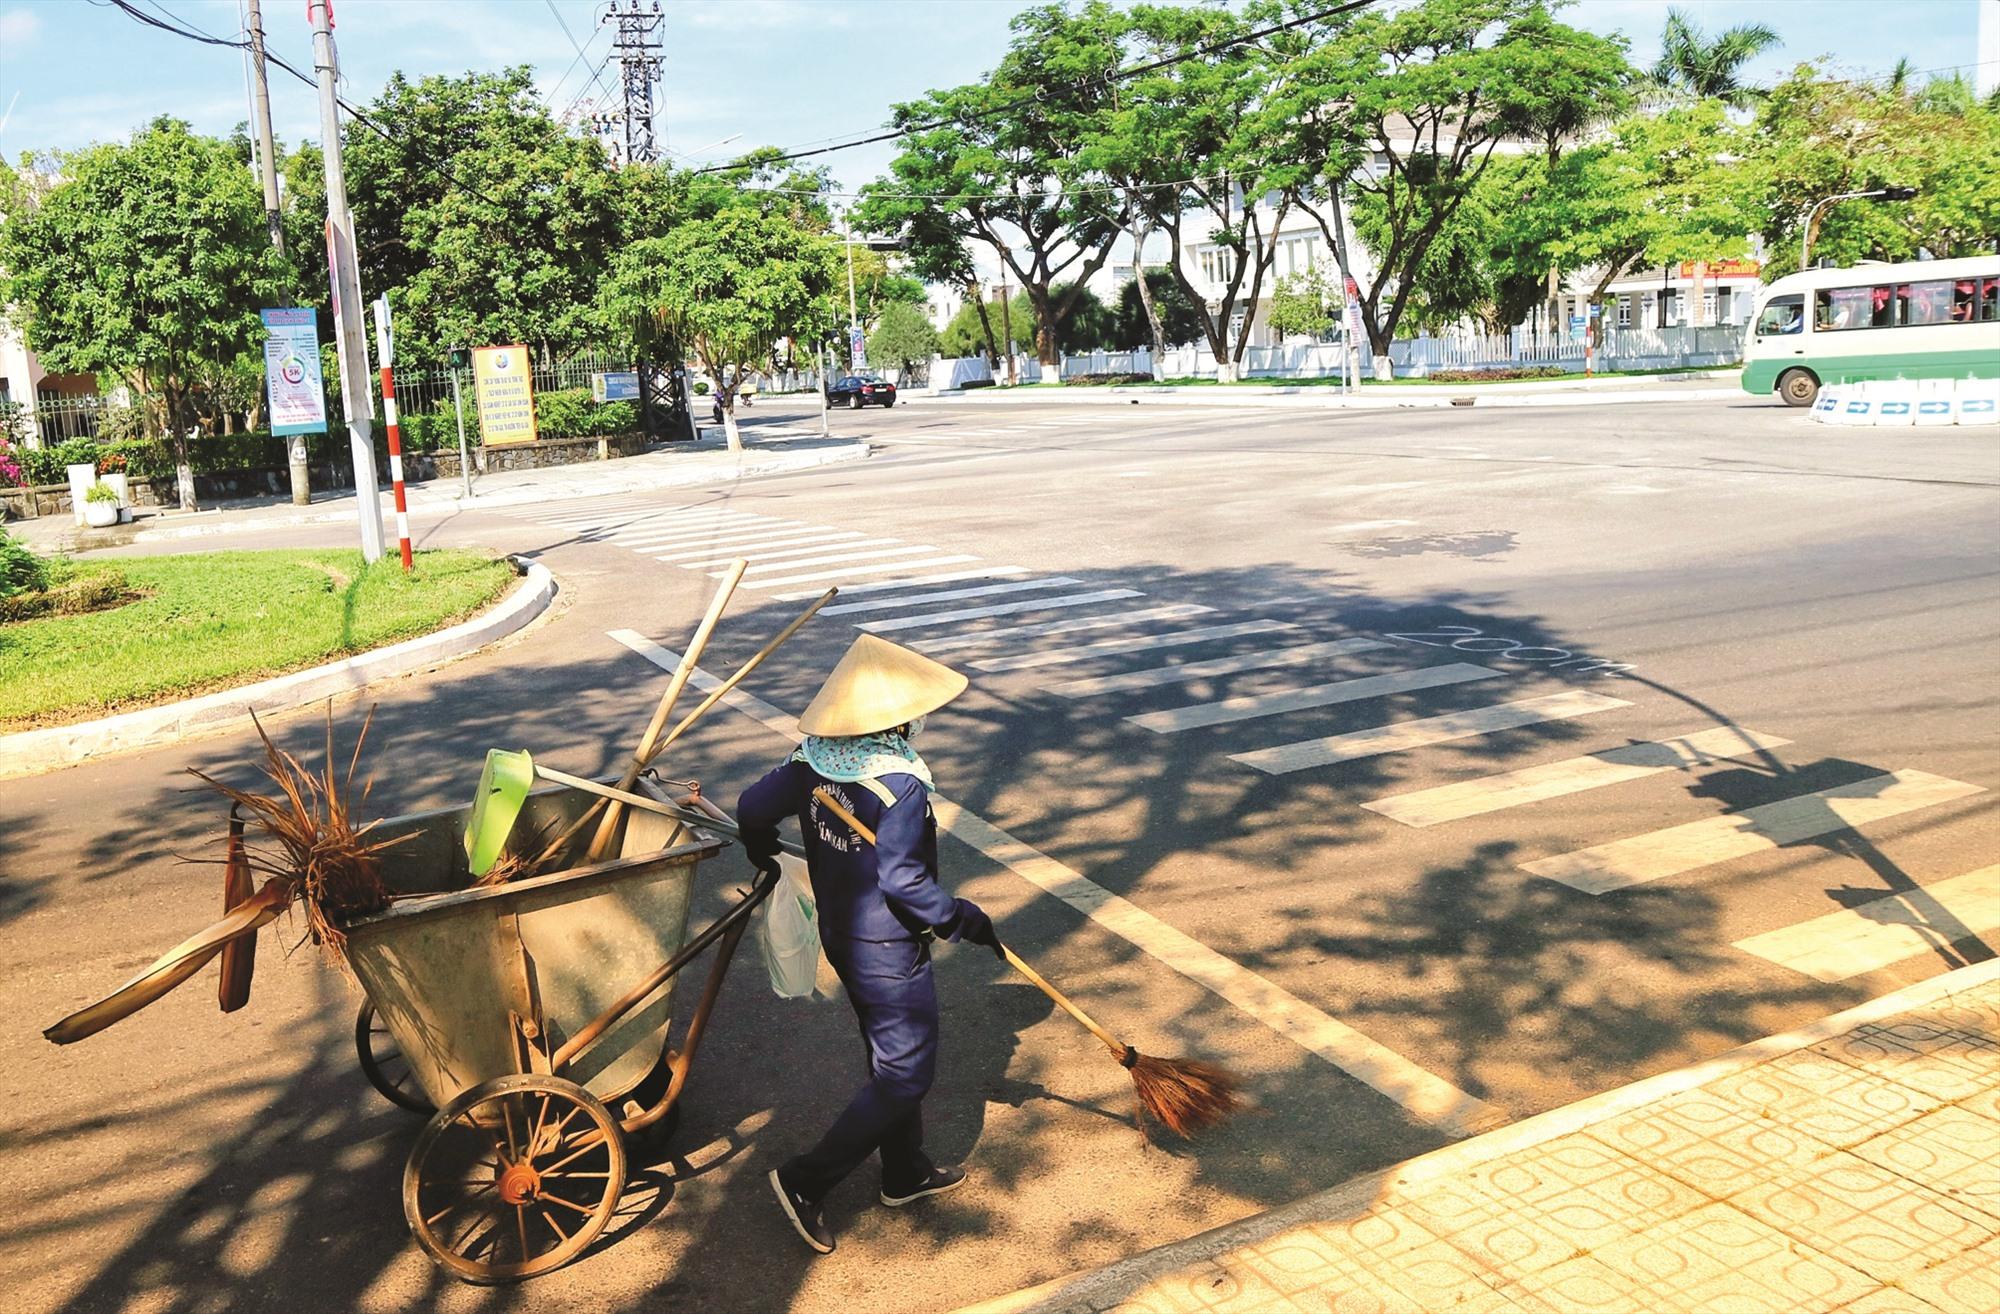 Những ngày qua, thời tiết ngoài trời ở TP.Tam Kỳ có khi lên đến hơn 40 độ, nhưng dọc các tuyến đường, các lao công vẫn lặng lẽ công việc làm sạch cho đường phố.